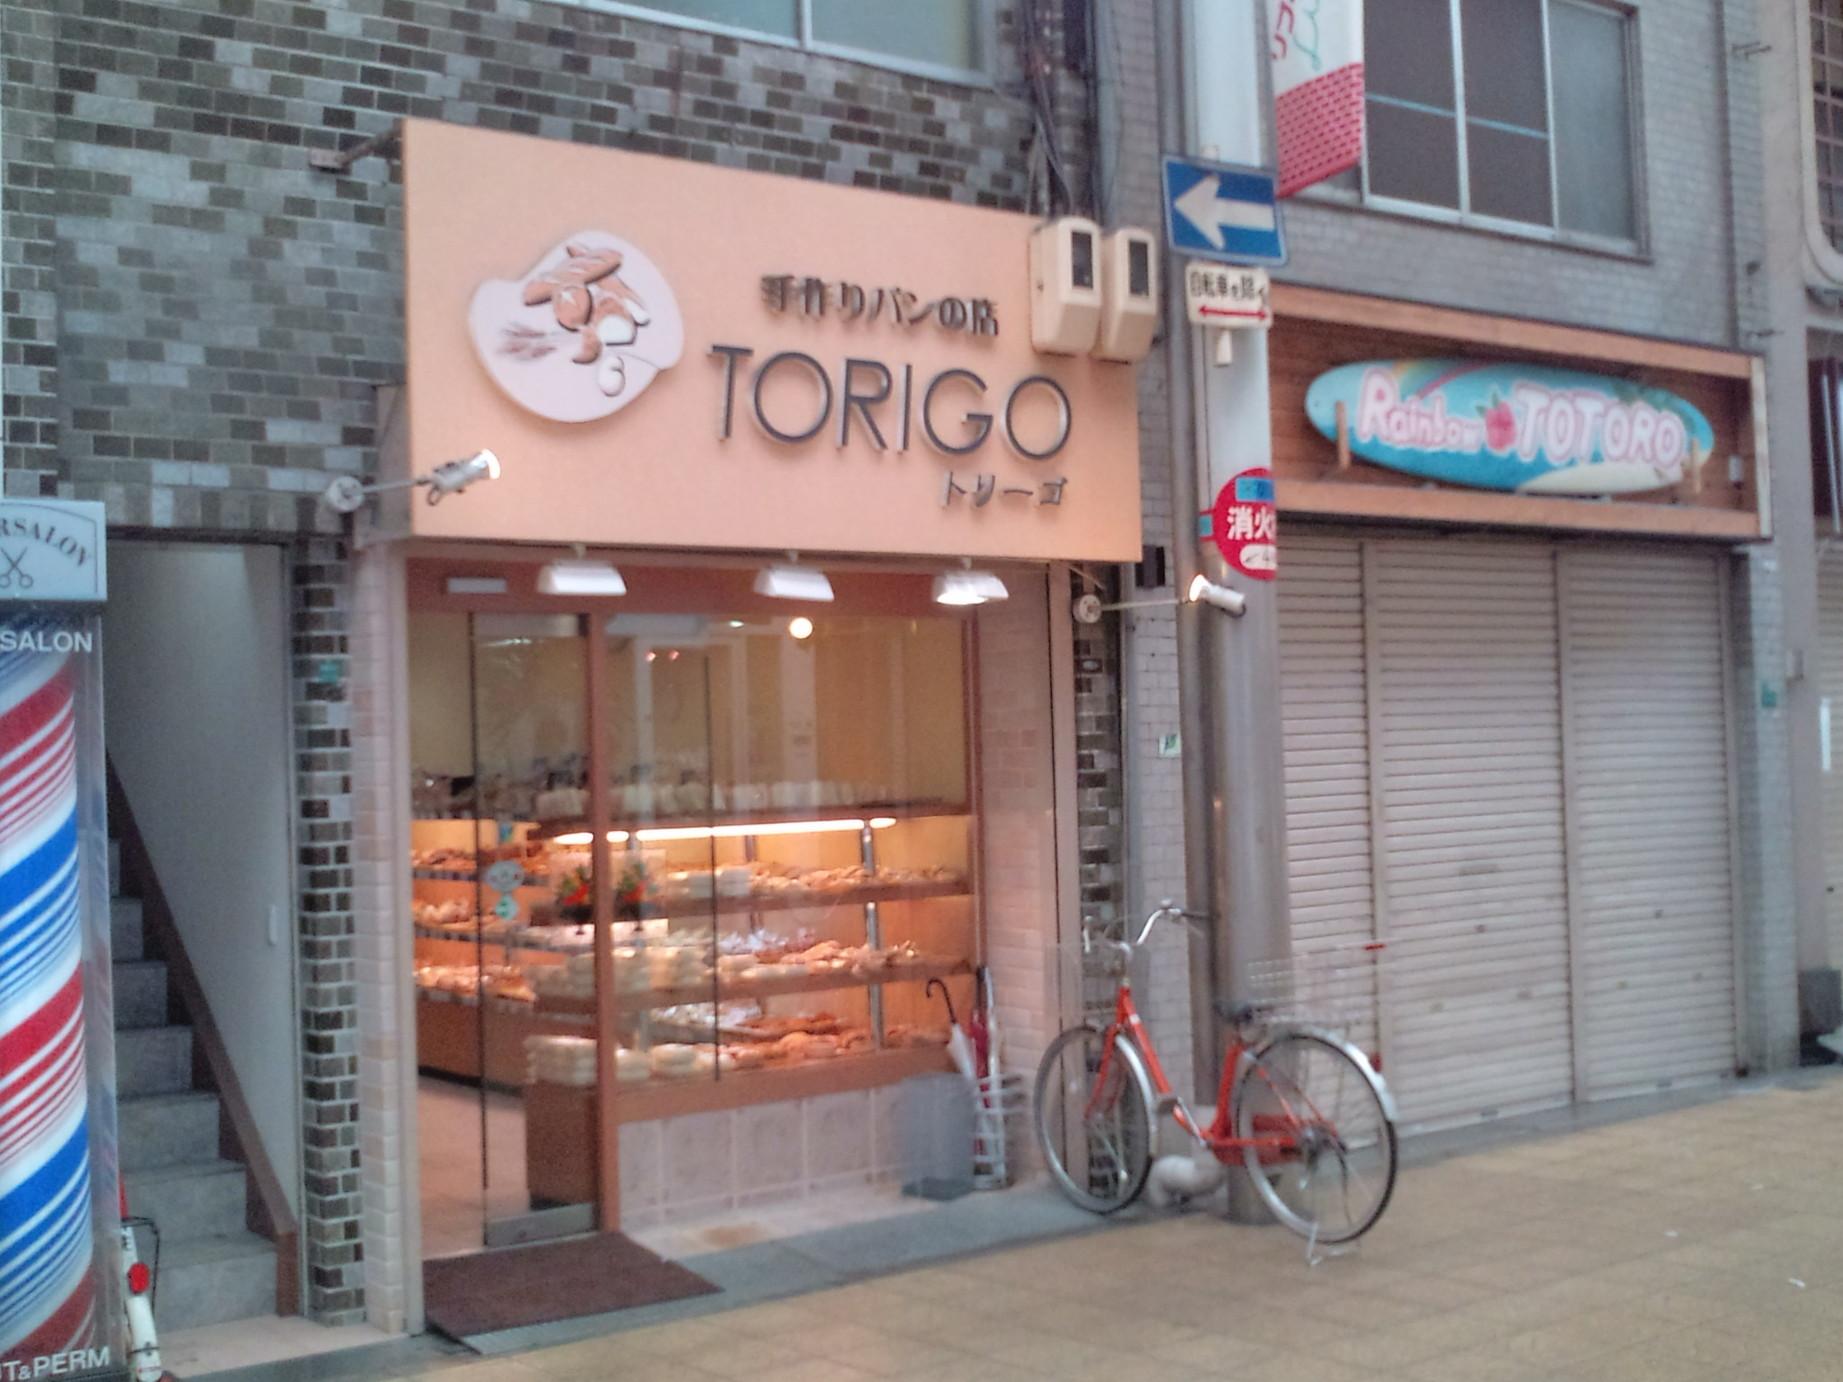 トリーゴ 京橋店